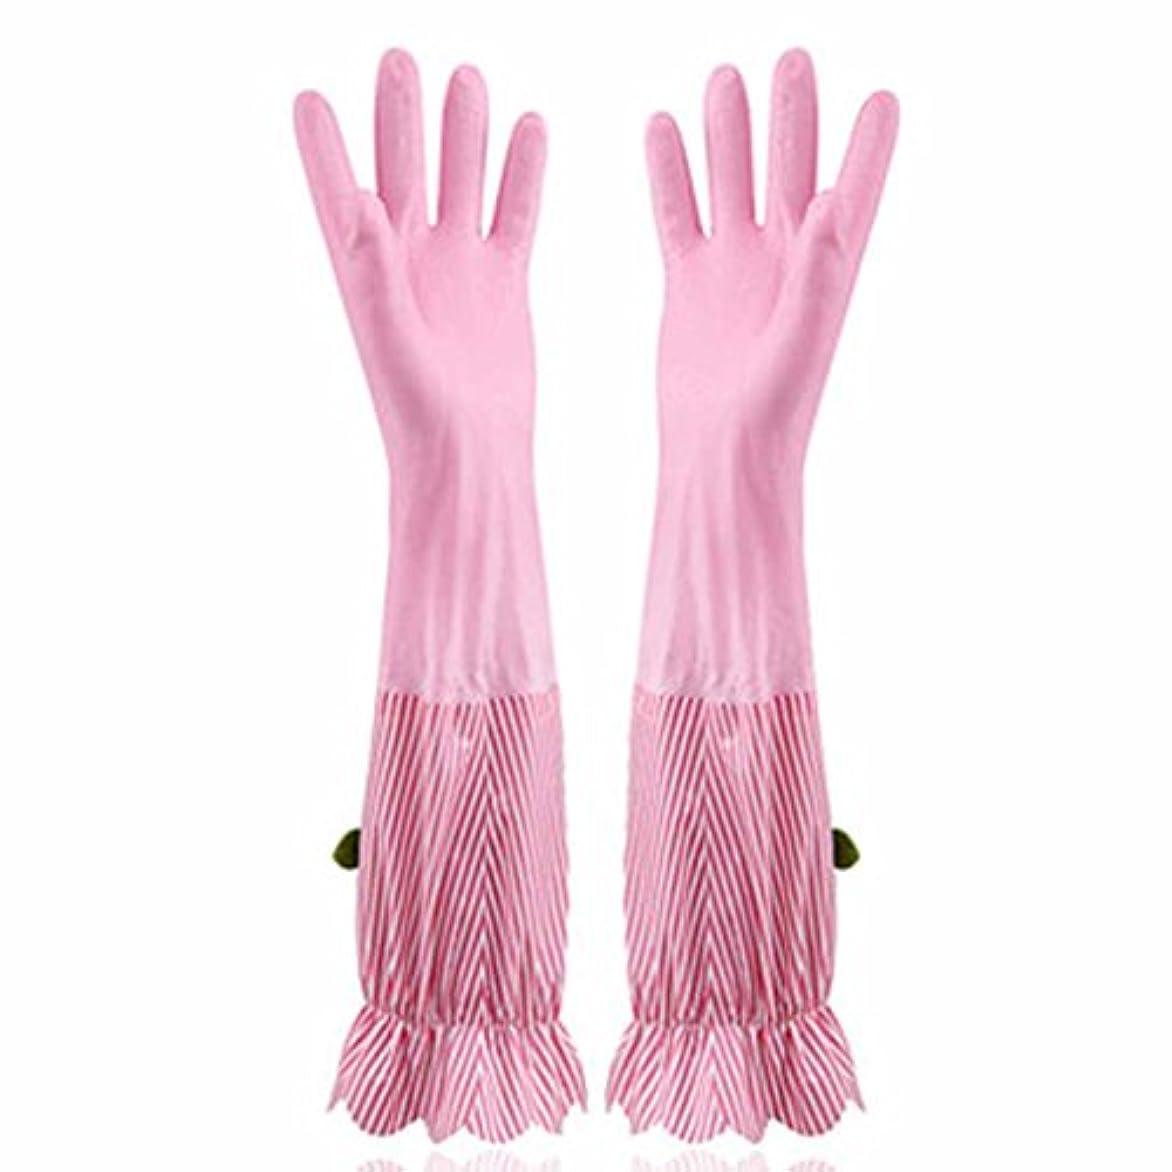 類人猿適性アセンブリ使い捨て手袋 プラスベルベット暖かい食器洗い手袋キッチン家庭防水耐久手袋 (Size : Four pairs)